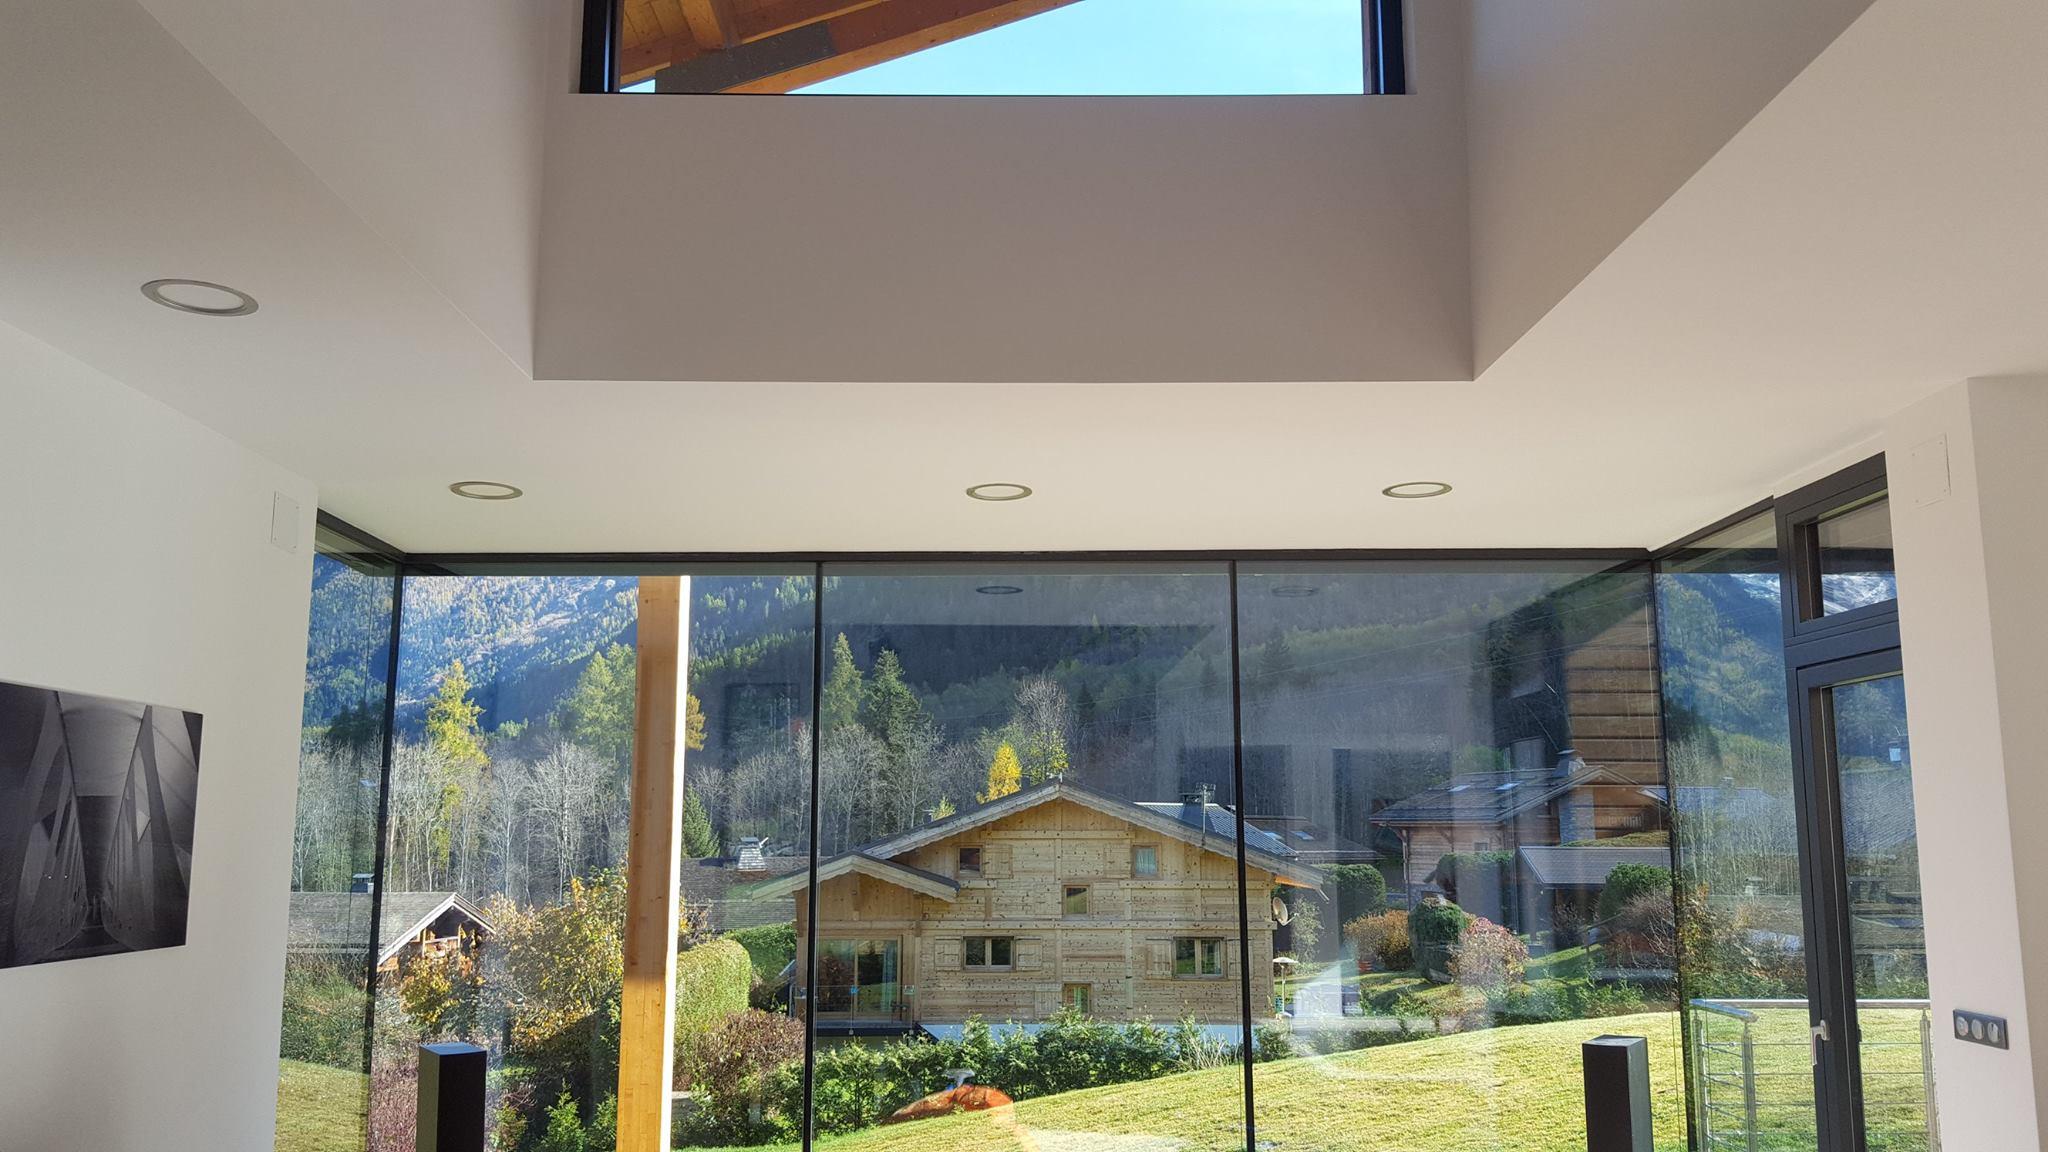 construction de maison rt 2012 224 gap 05 hautesalpes